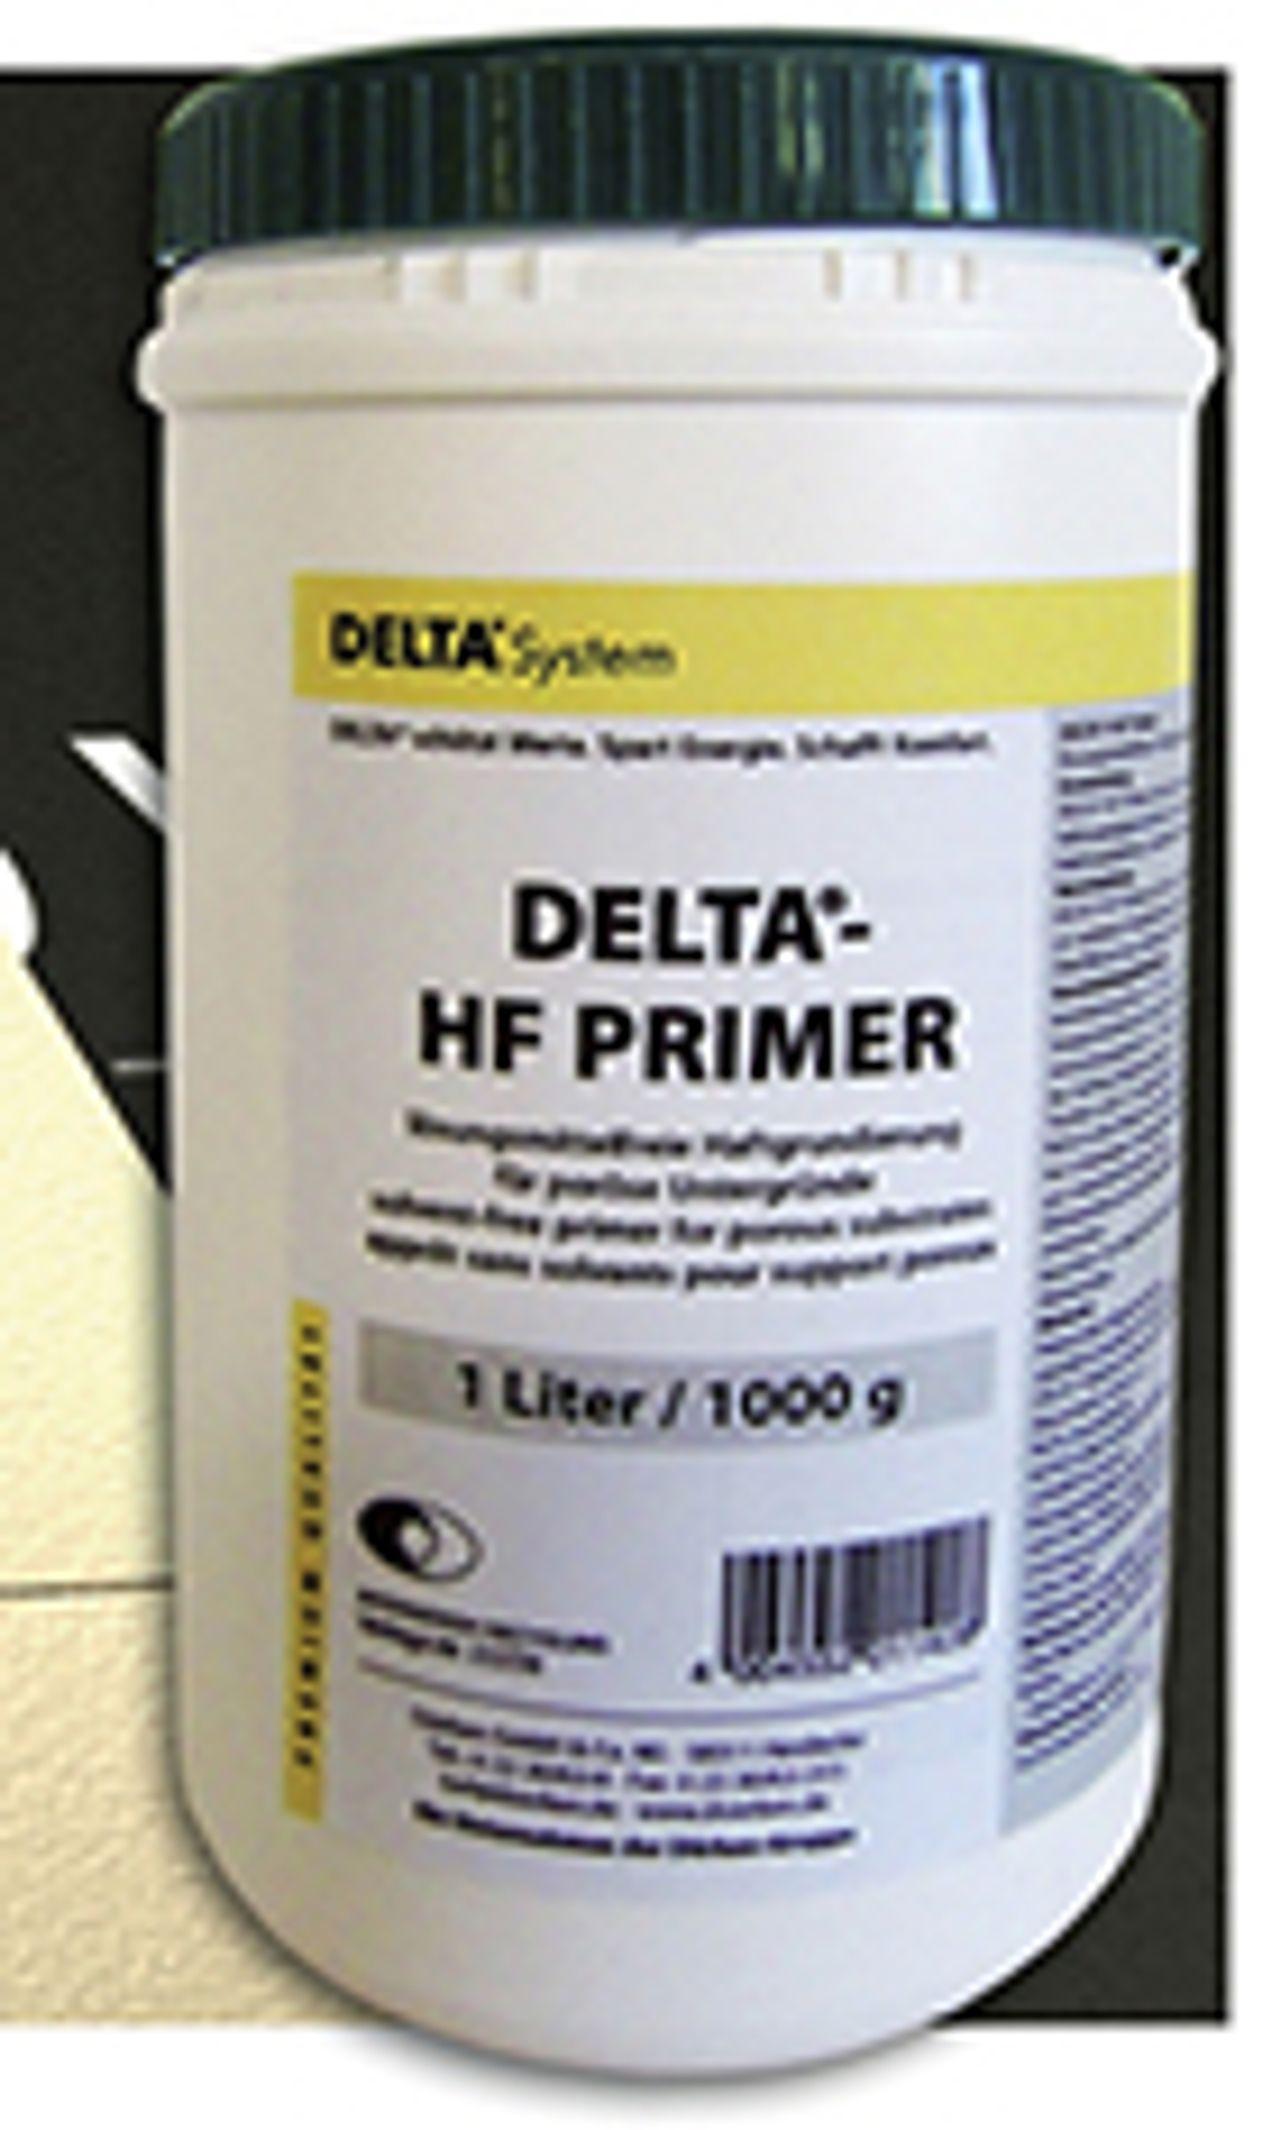 Afbeelding DELTA® HR PRIMER